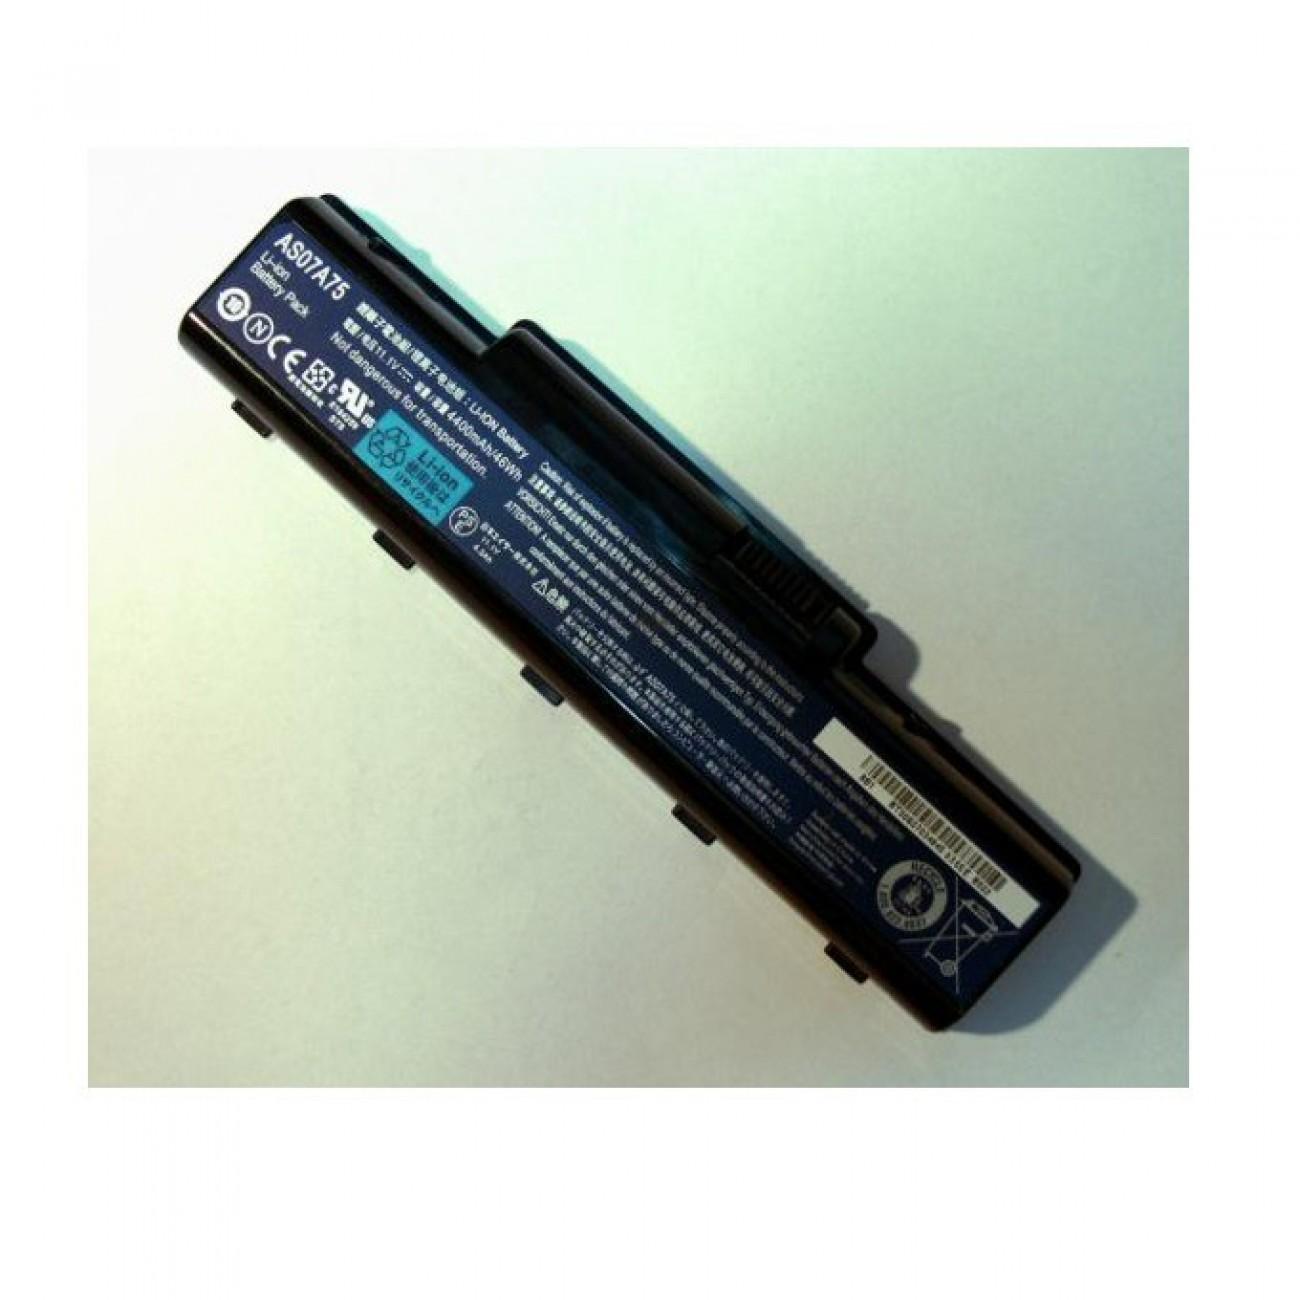 Батерия (заместител) за Acer Aspire 5517, съвместима с Gateway NV52/Emachine D525/PACKARD BELL TJ61, 6cell, 11.1V, 4400mAh в Батерии за Лаптоп -  | Alleop